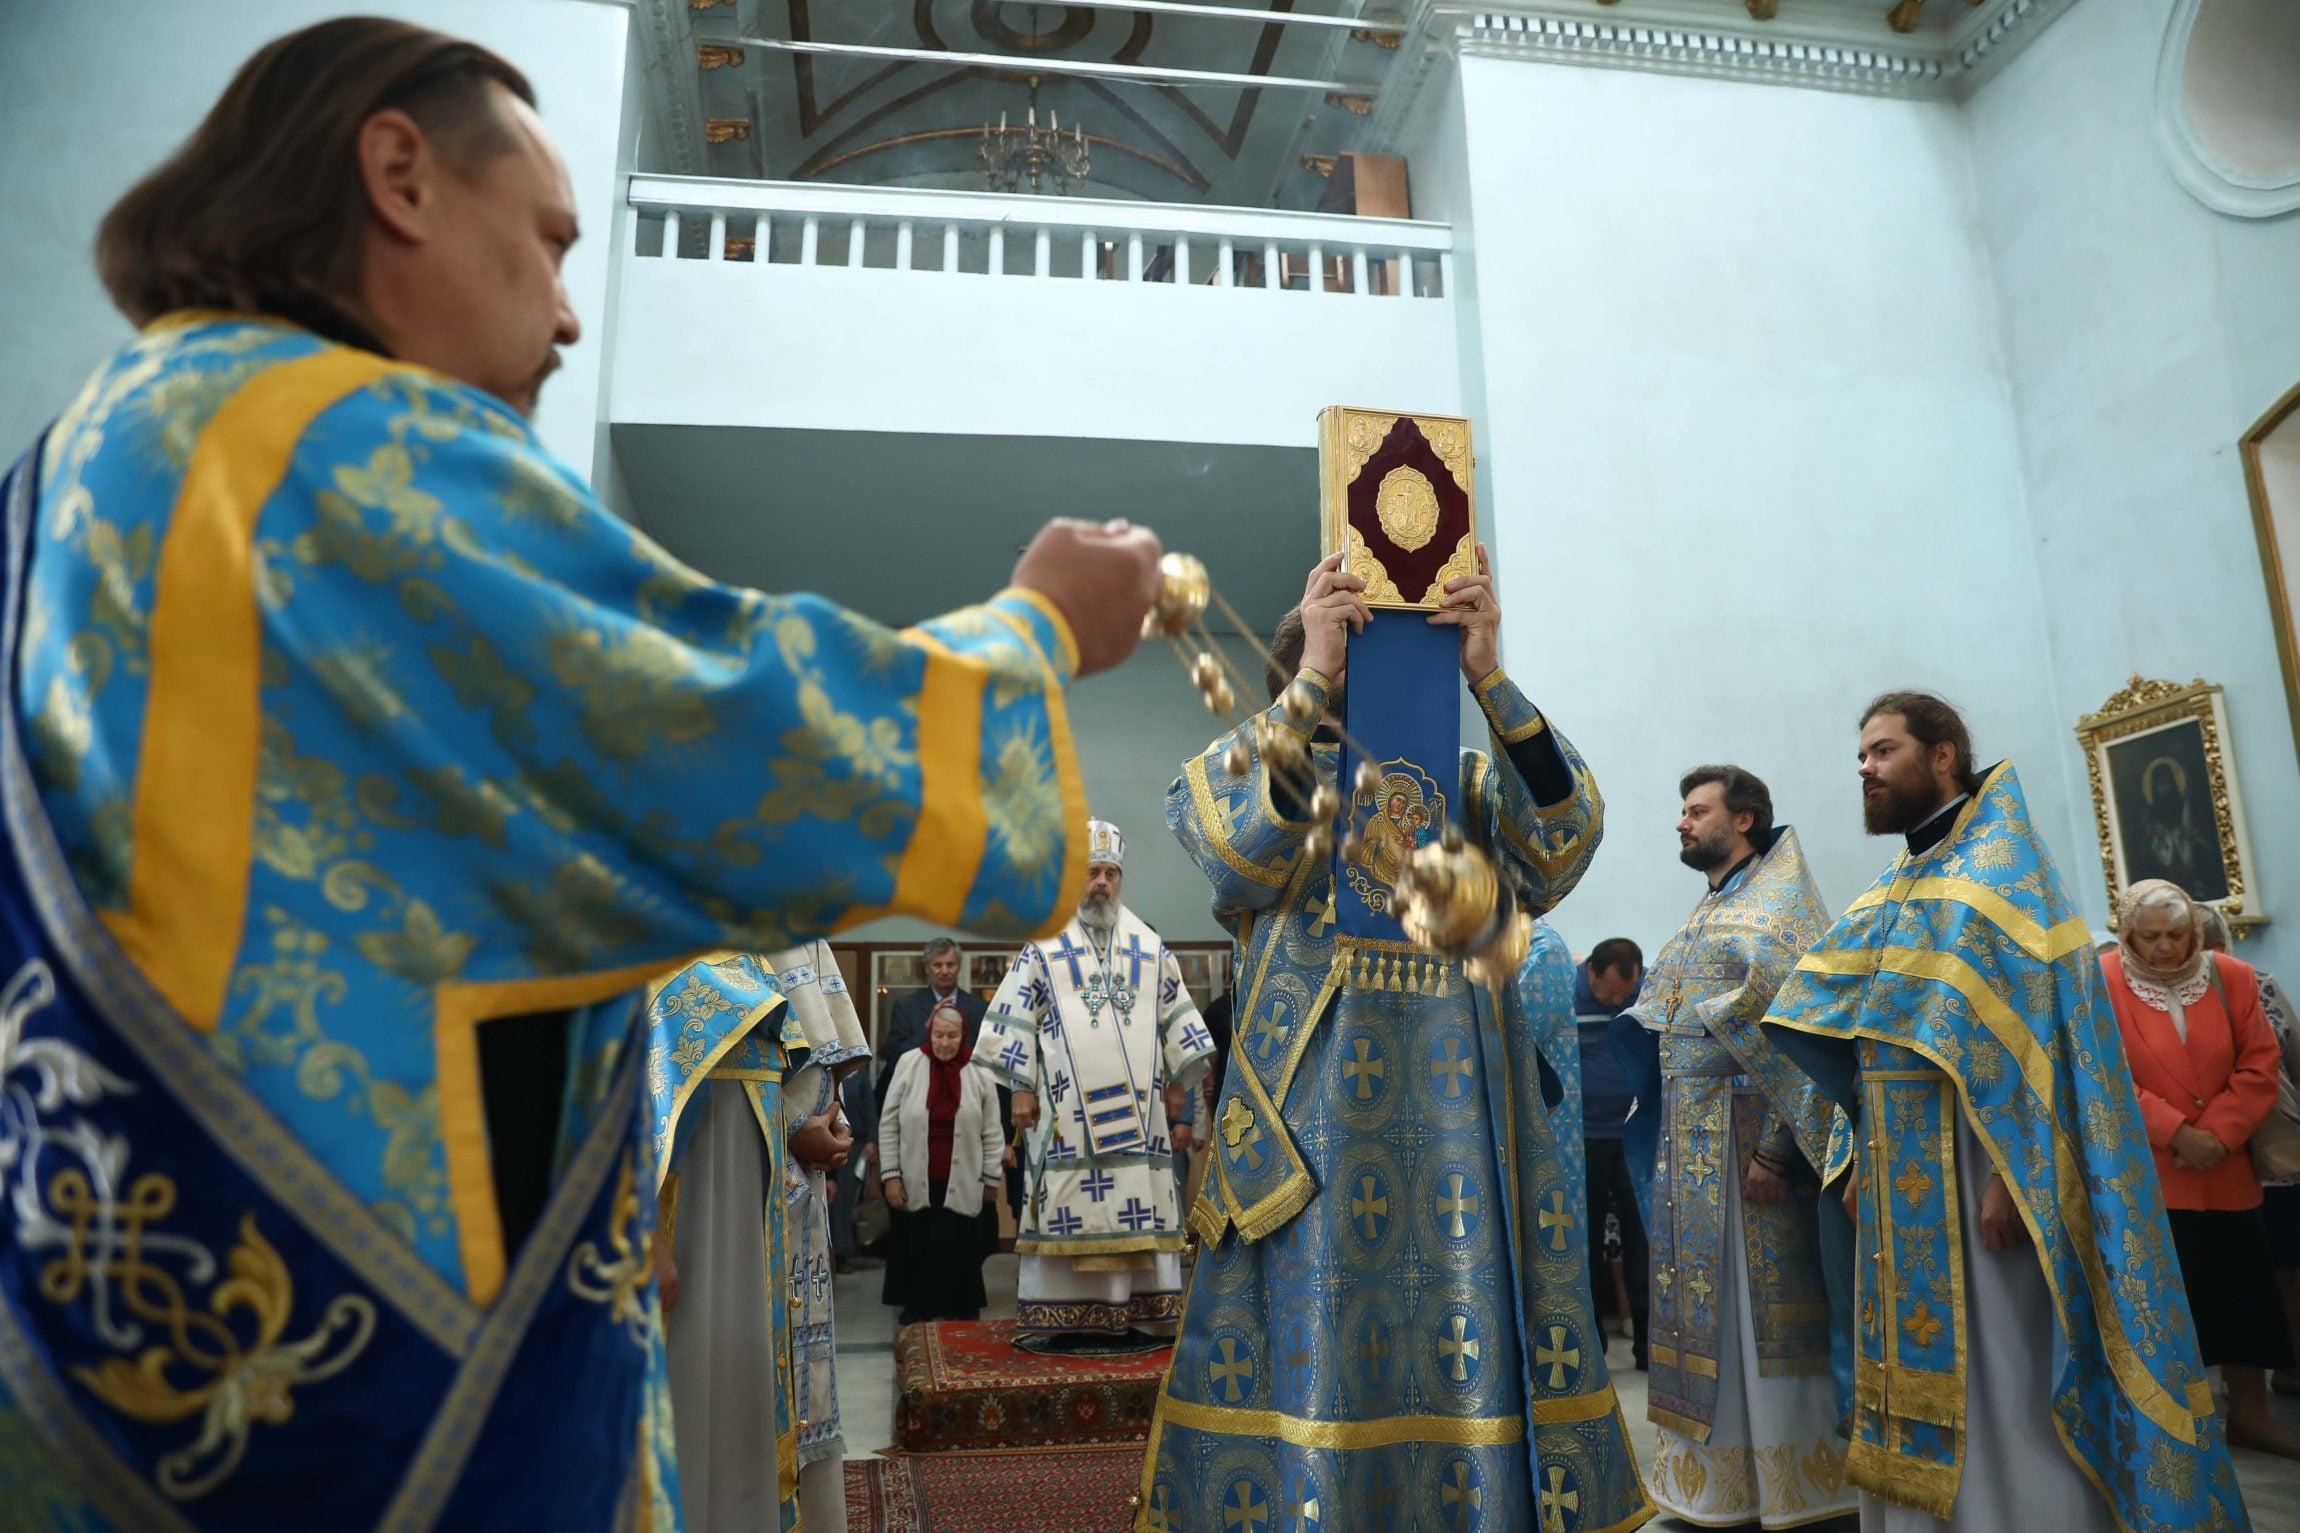 http://monuspen.ru/photoreports/300a33e78ae43bf112005df432bc34g2.jpg